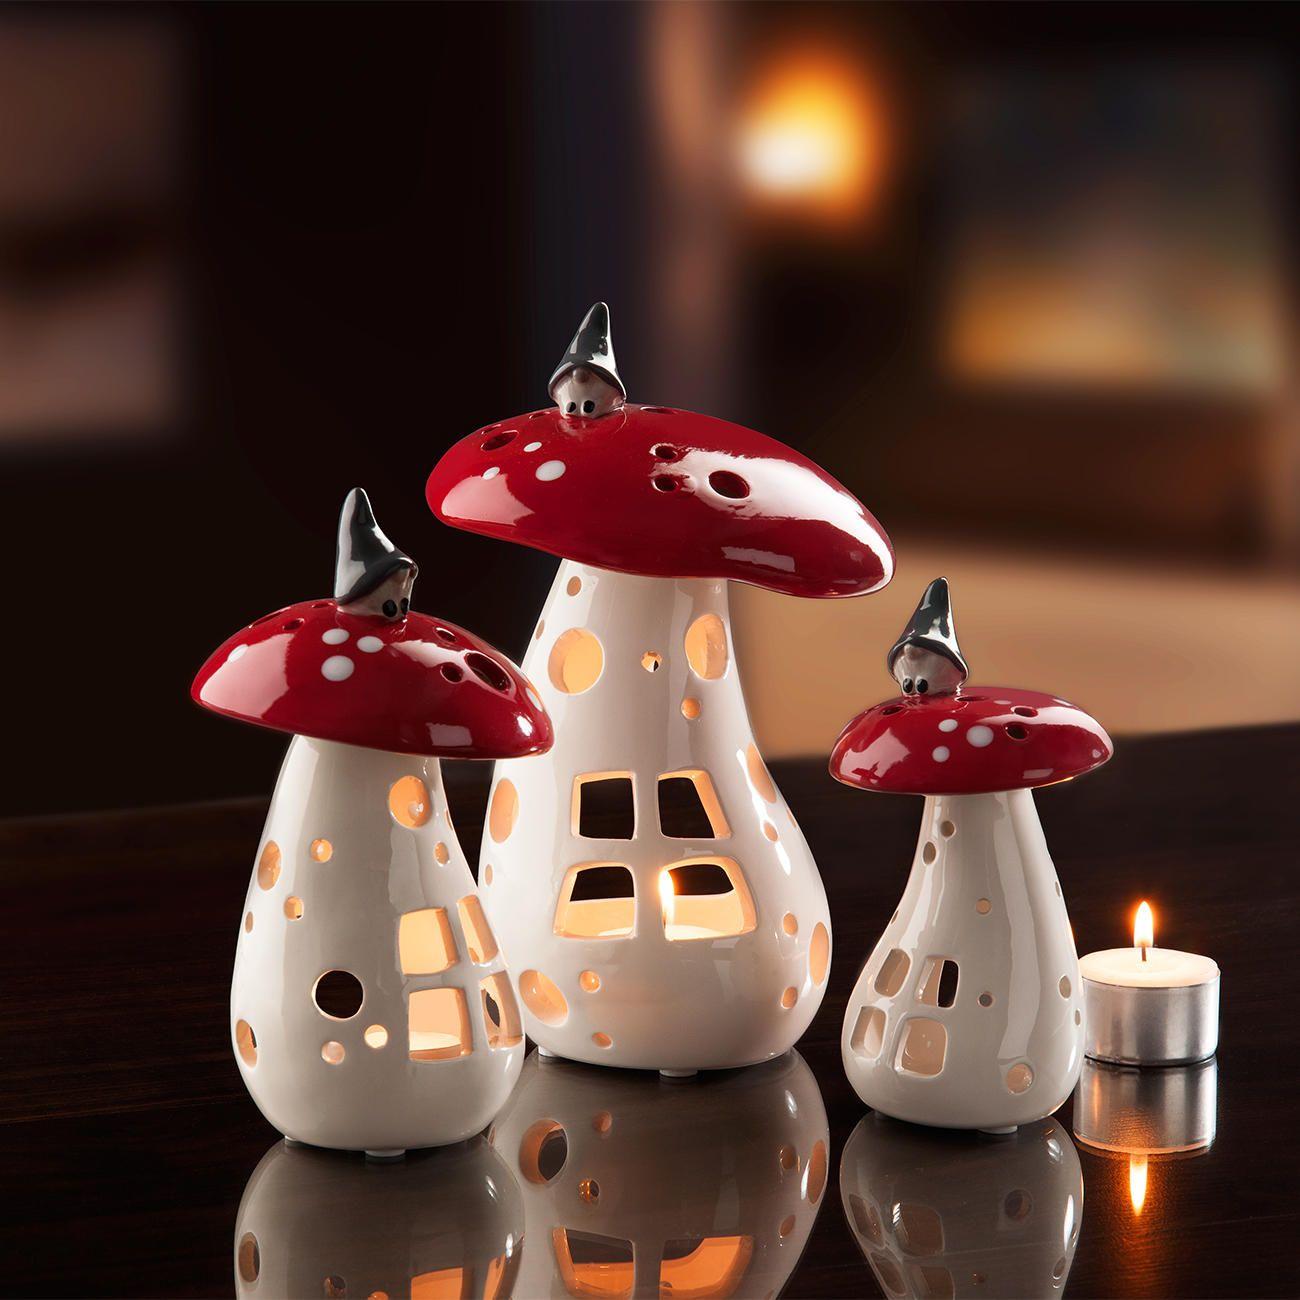 R sultat de recherche d 39 images pour t pfern anregungen weihnachten ceramique pinterest - Idee de poterie ...